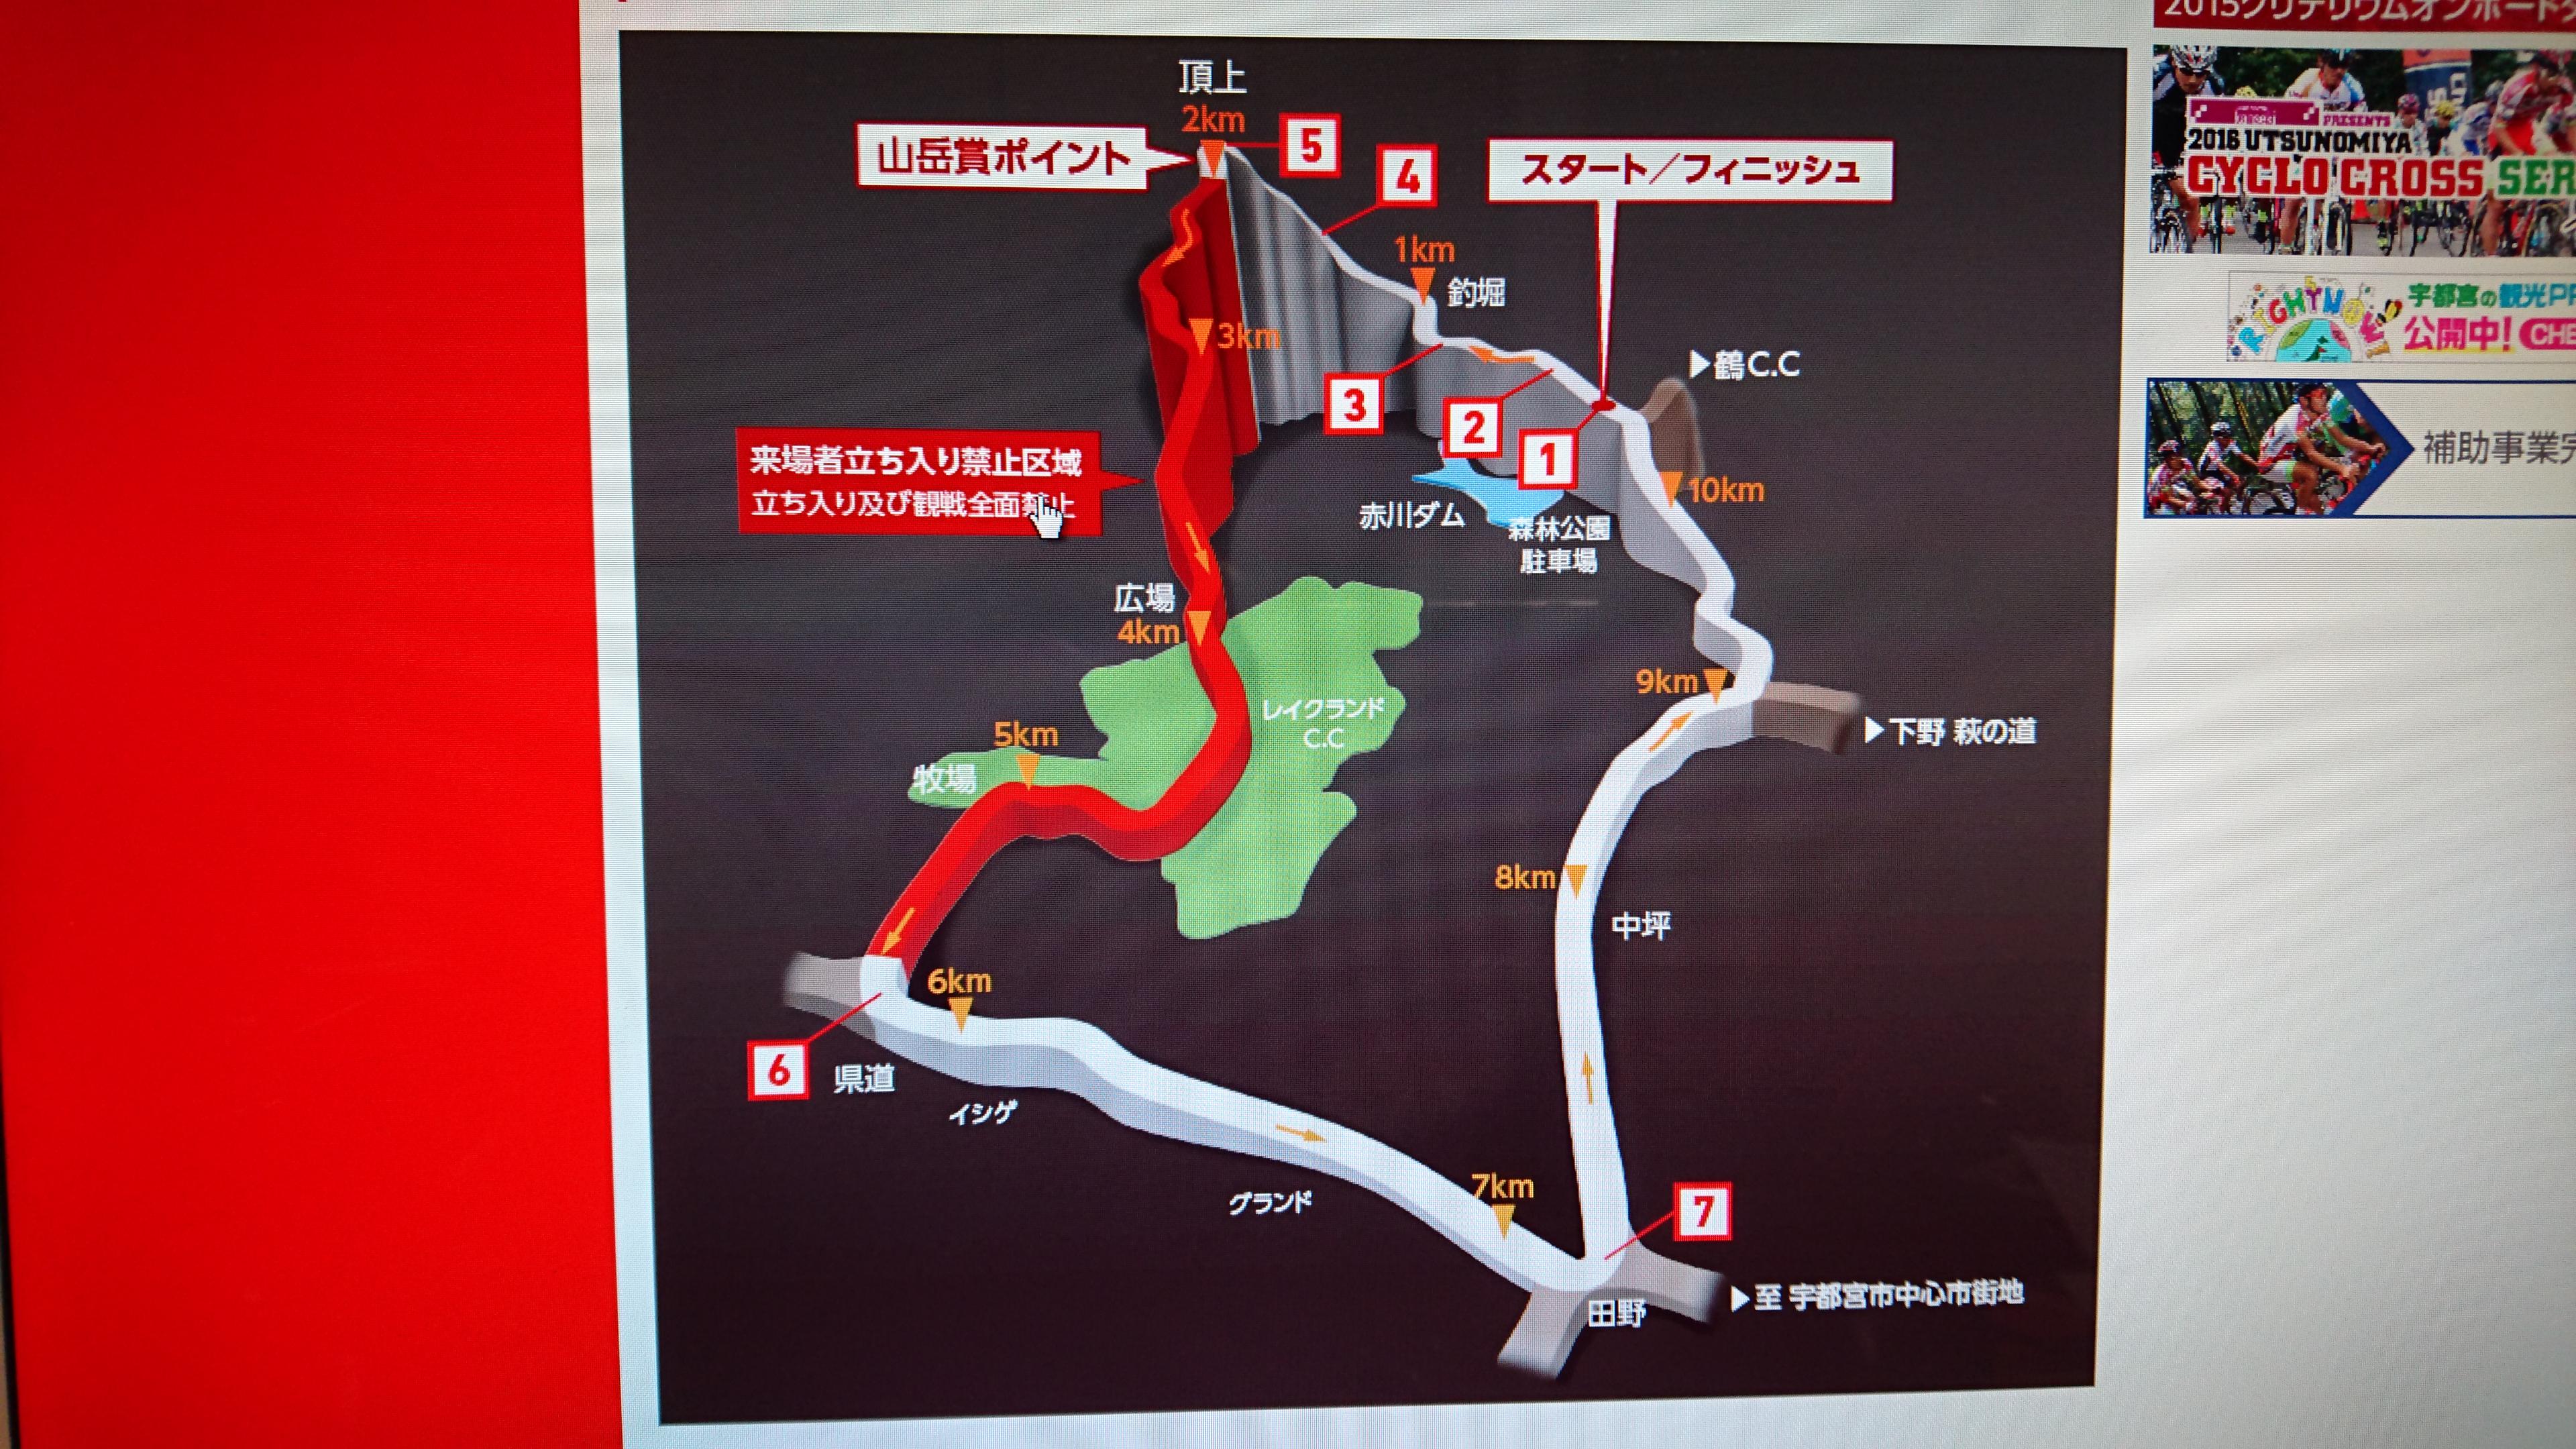 ジャパンカップ2016 決戦用レンタルホイール専門店RIDE-FORWARD